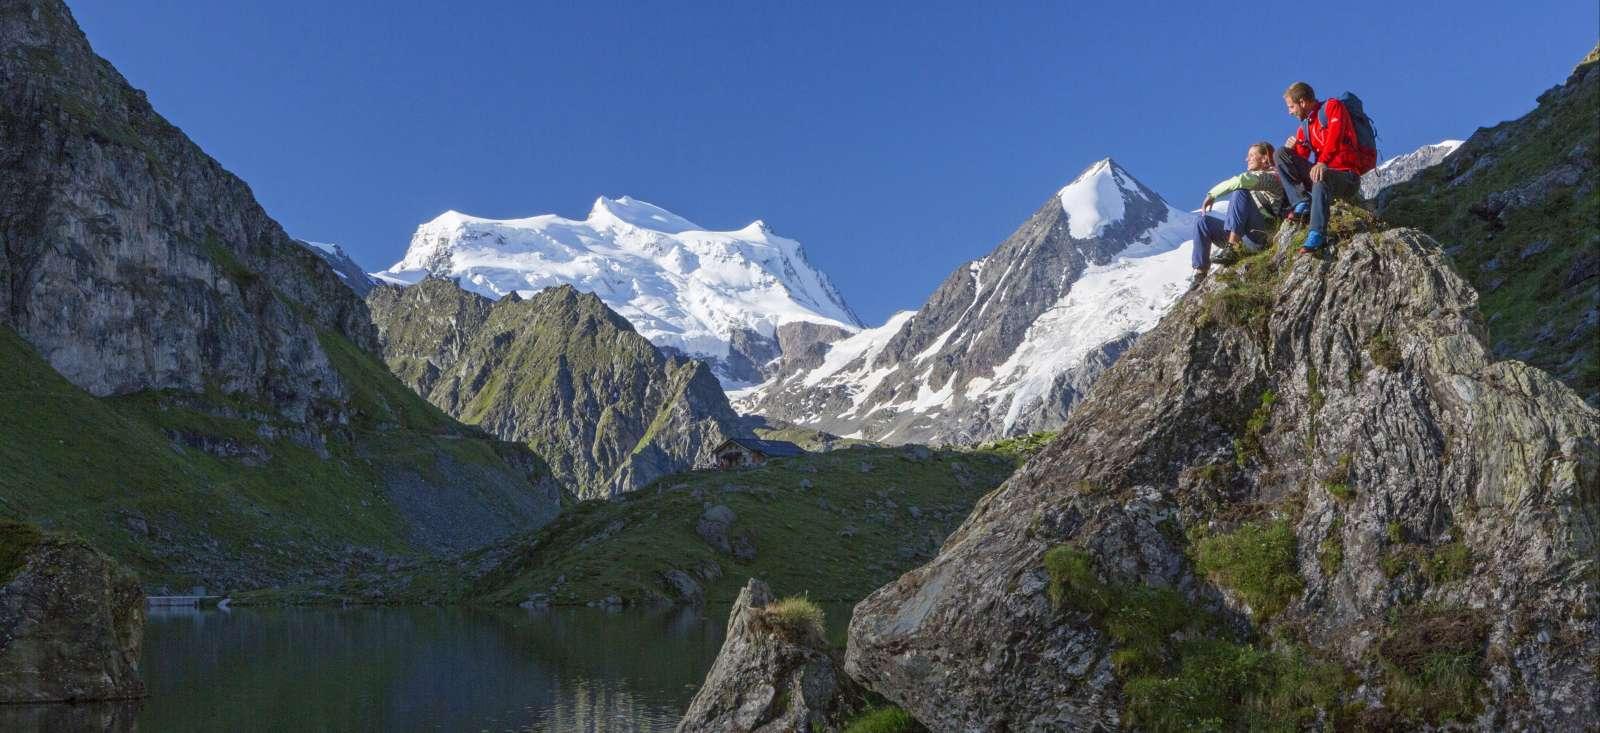 Voyage à pied France : Sur la route de Chamonix-Zermatt